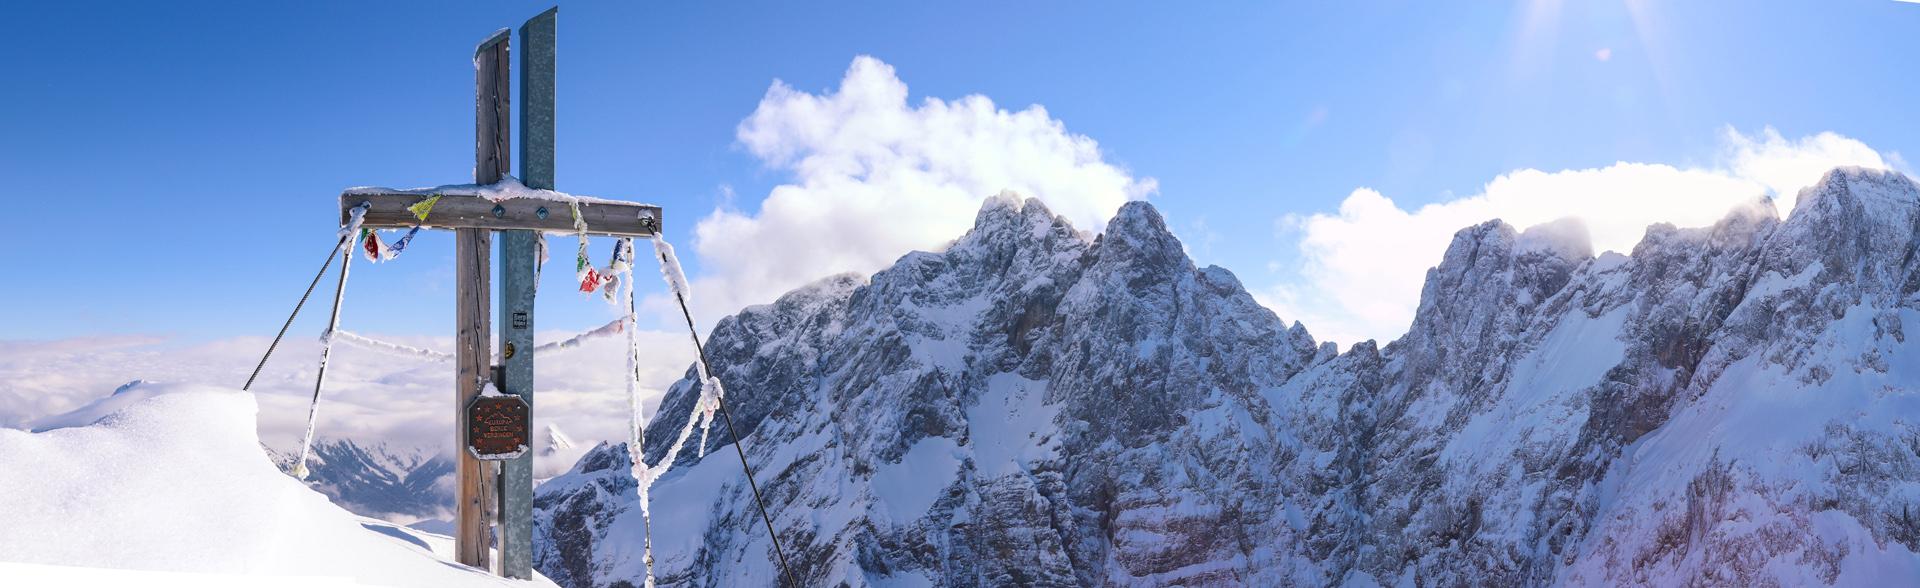 Wintersportcamps in den Südalpen - langlauf-hotels, events